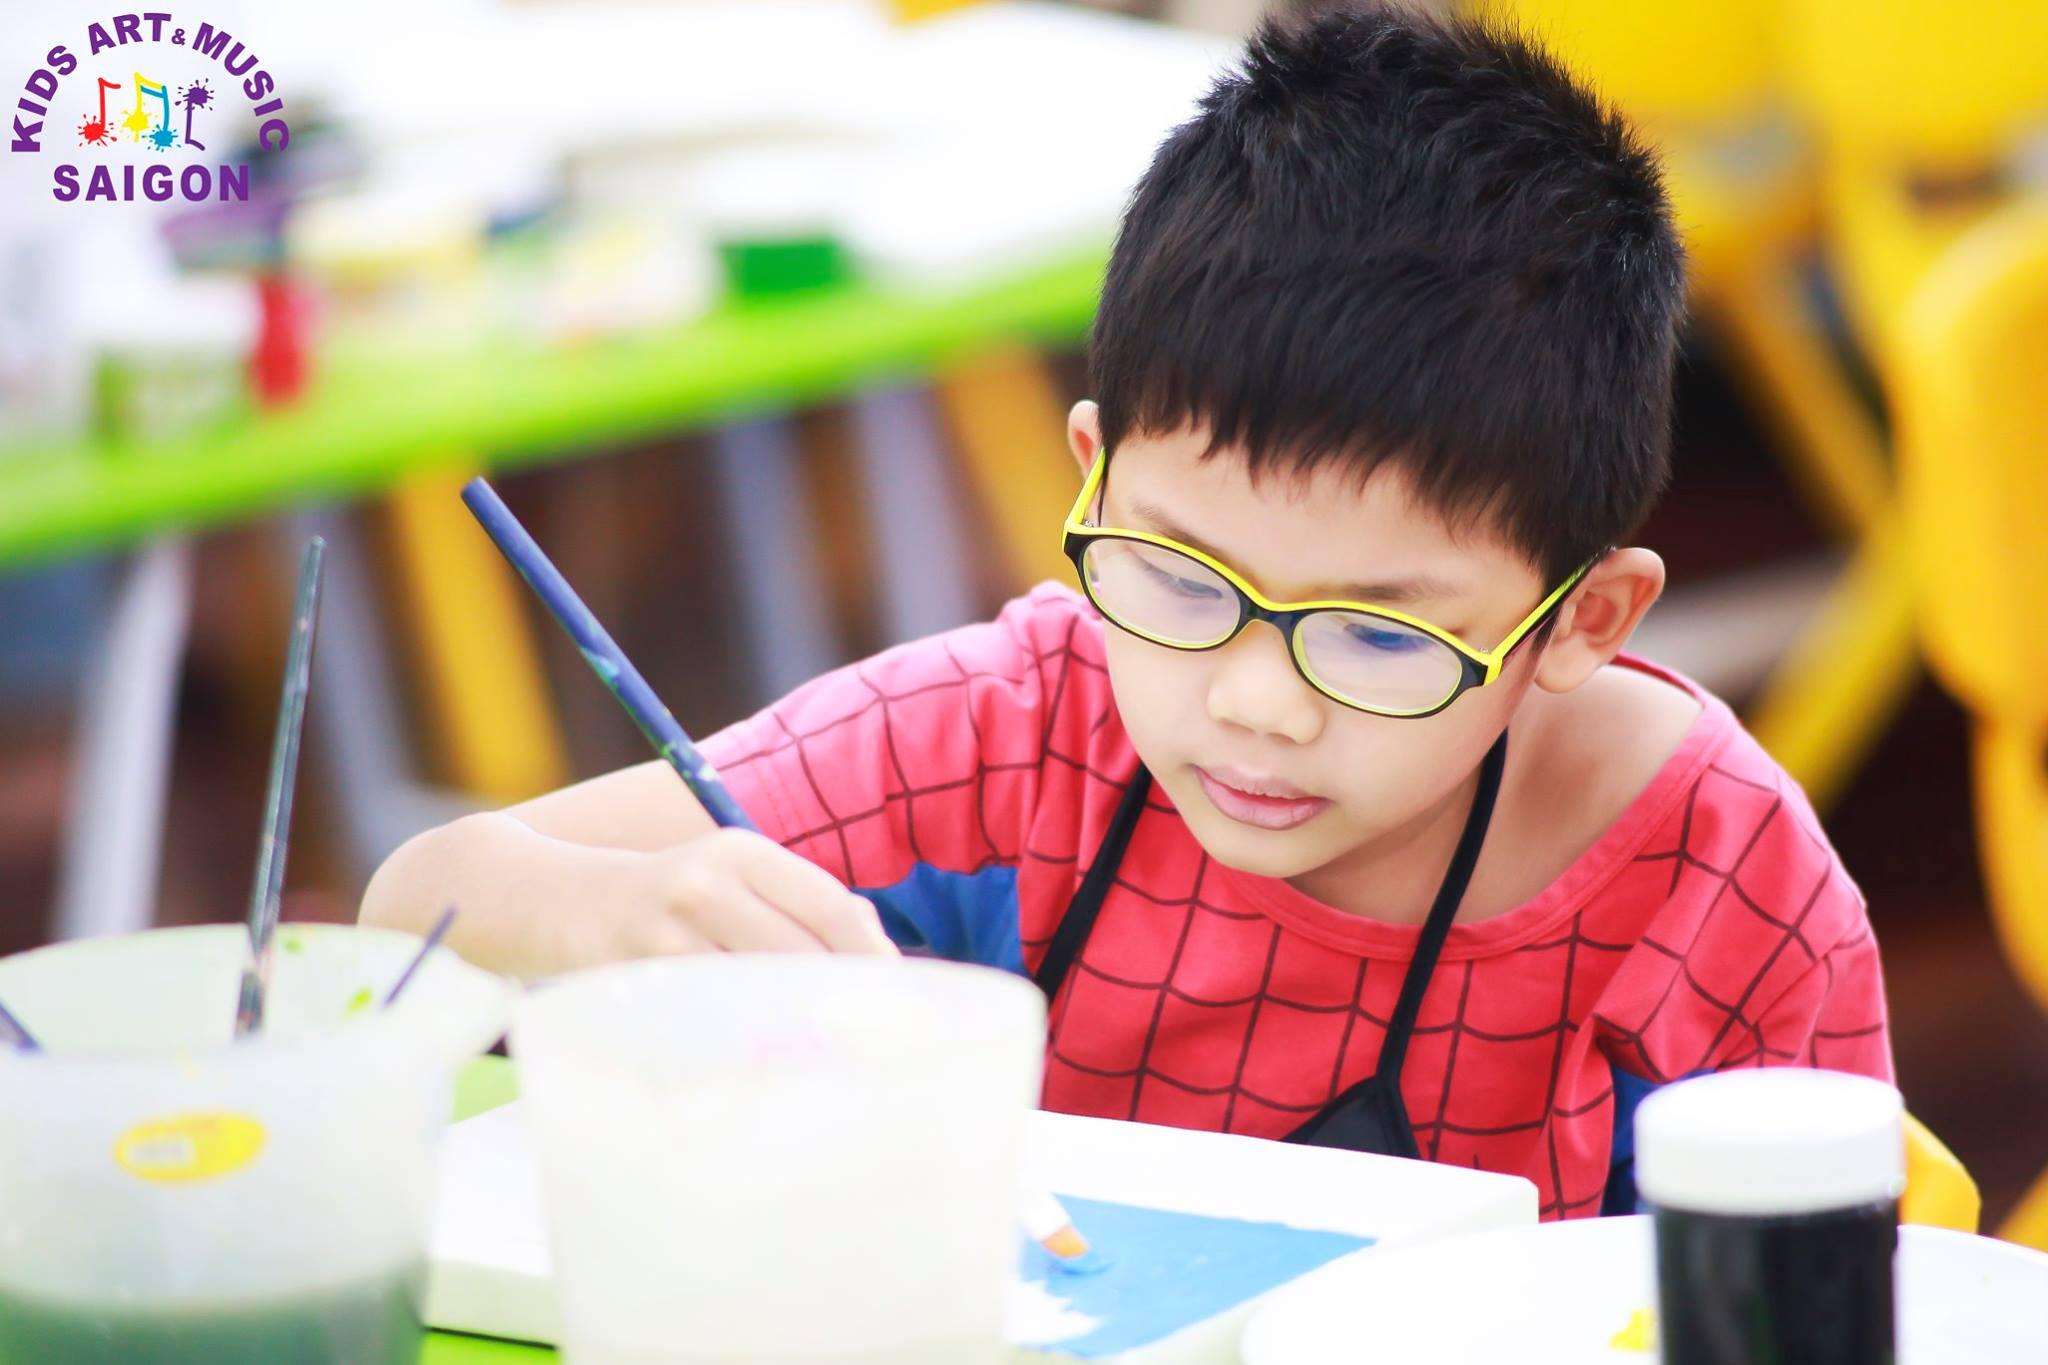 7 lợi ích tuyệt vời các lớp học vẽ ở quận 9 mang đến cho các bé hình ảnh 2